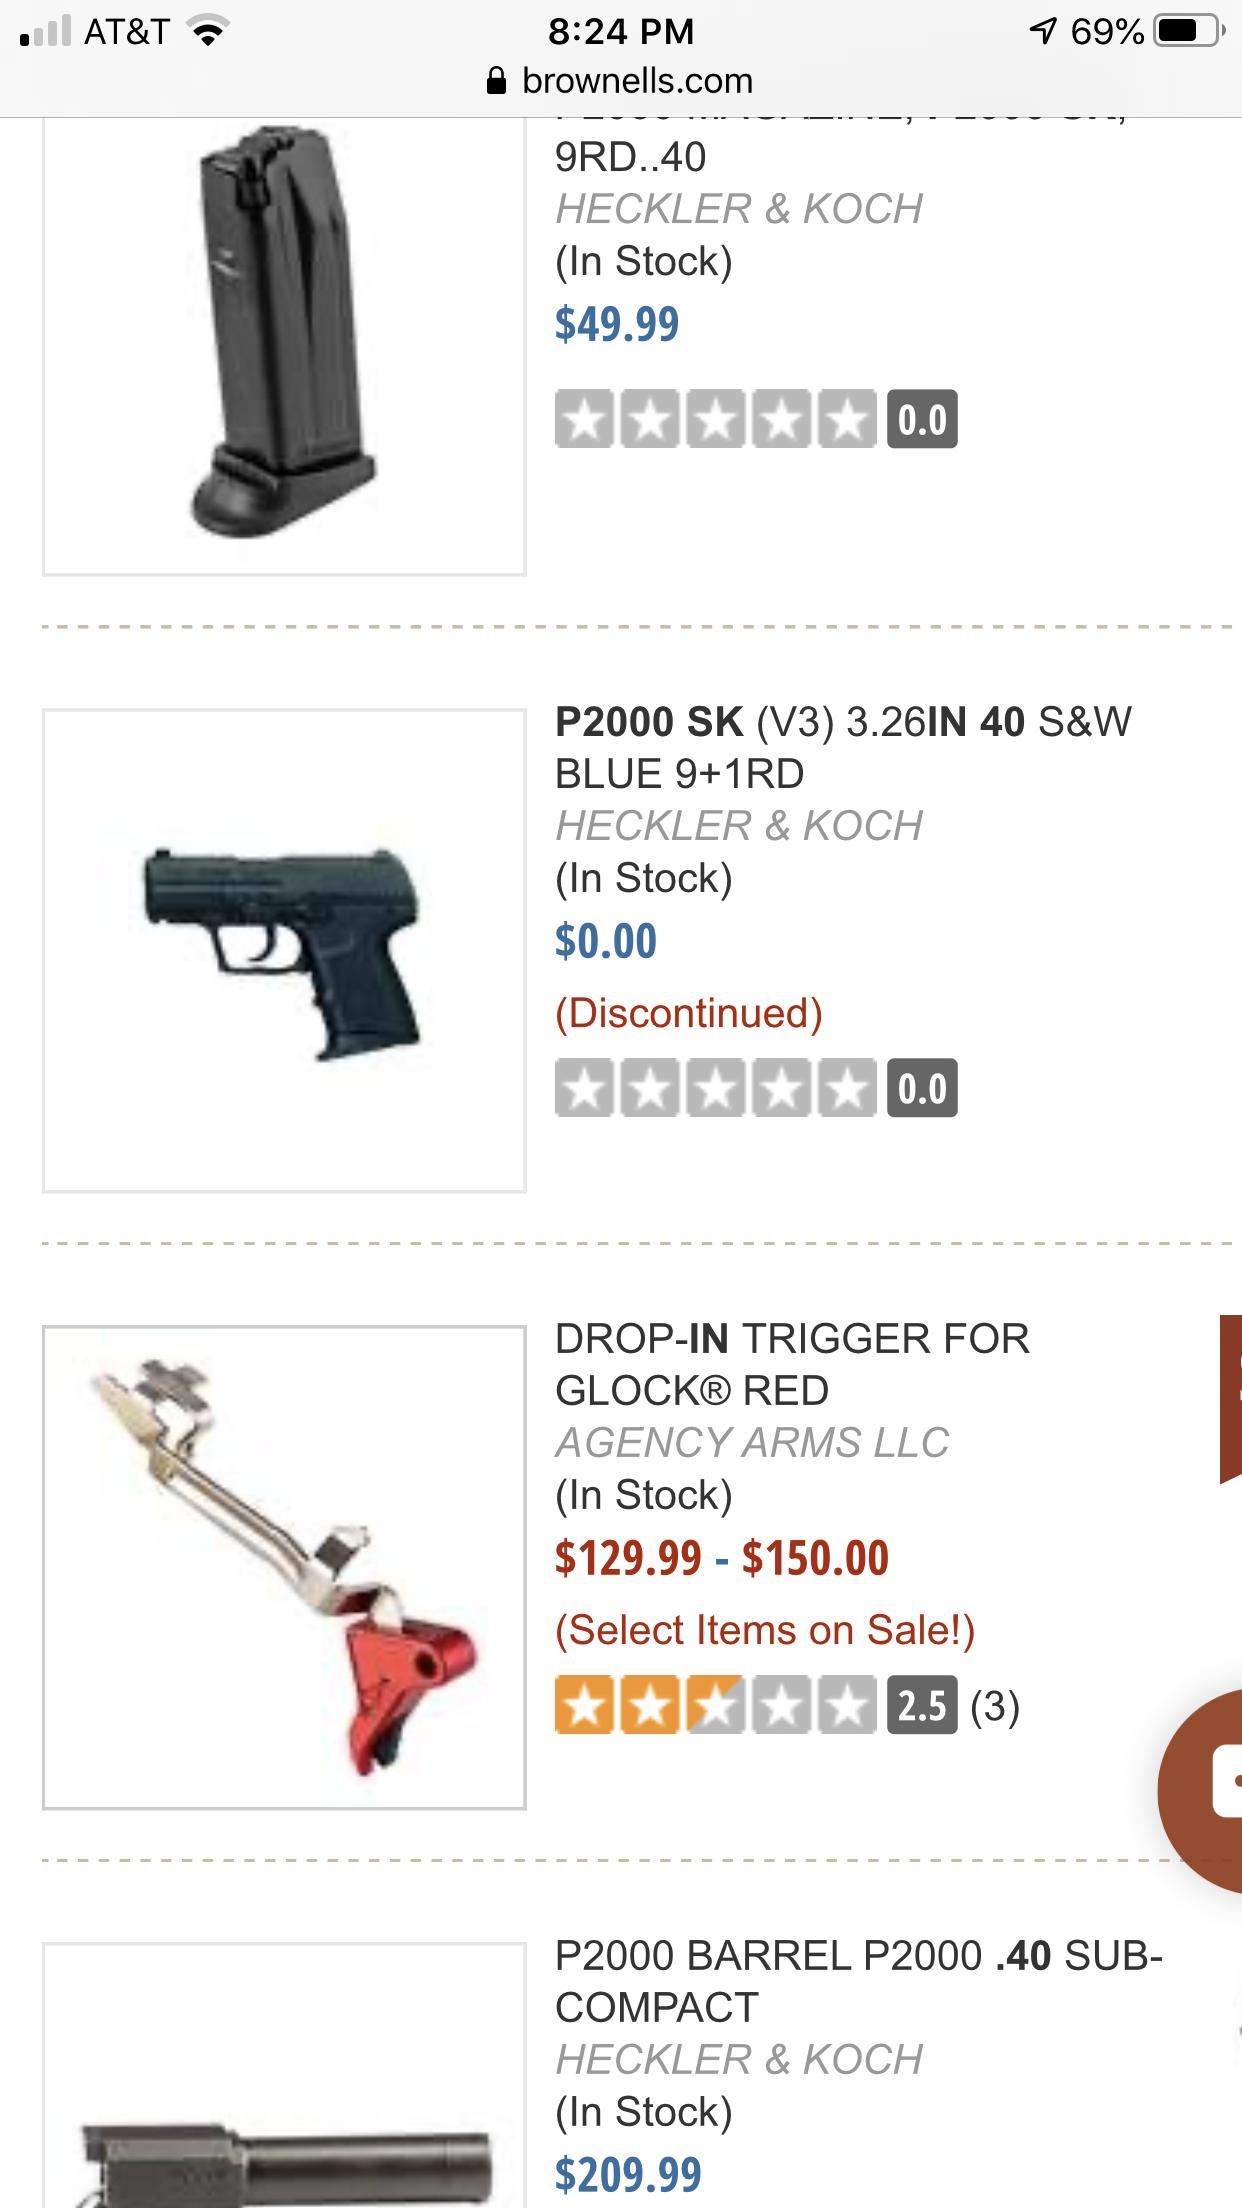 Meet the P2000: The Finest High-End Gun Ever Made?-8074104c-6d5d-44db-bee6-6dcadbdc74ac_1573698436752.png